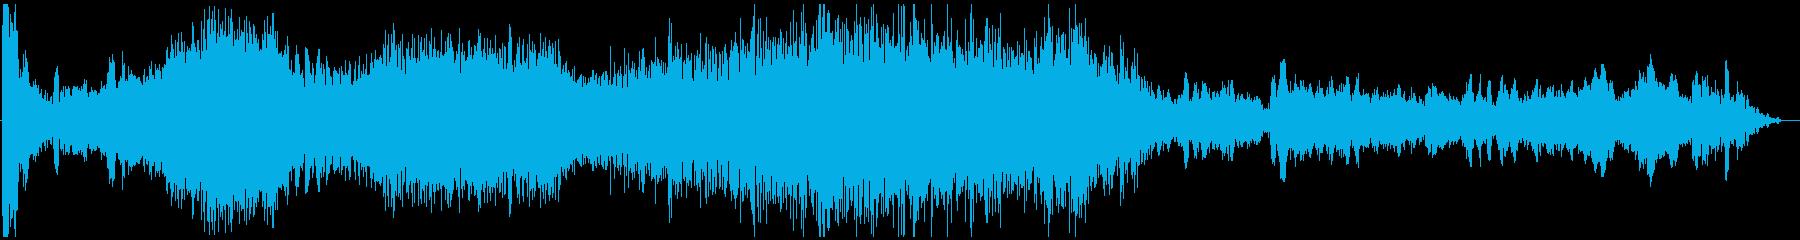 イメージ 低攻撃01の再生済みの波形